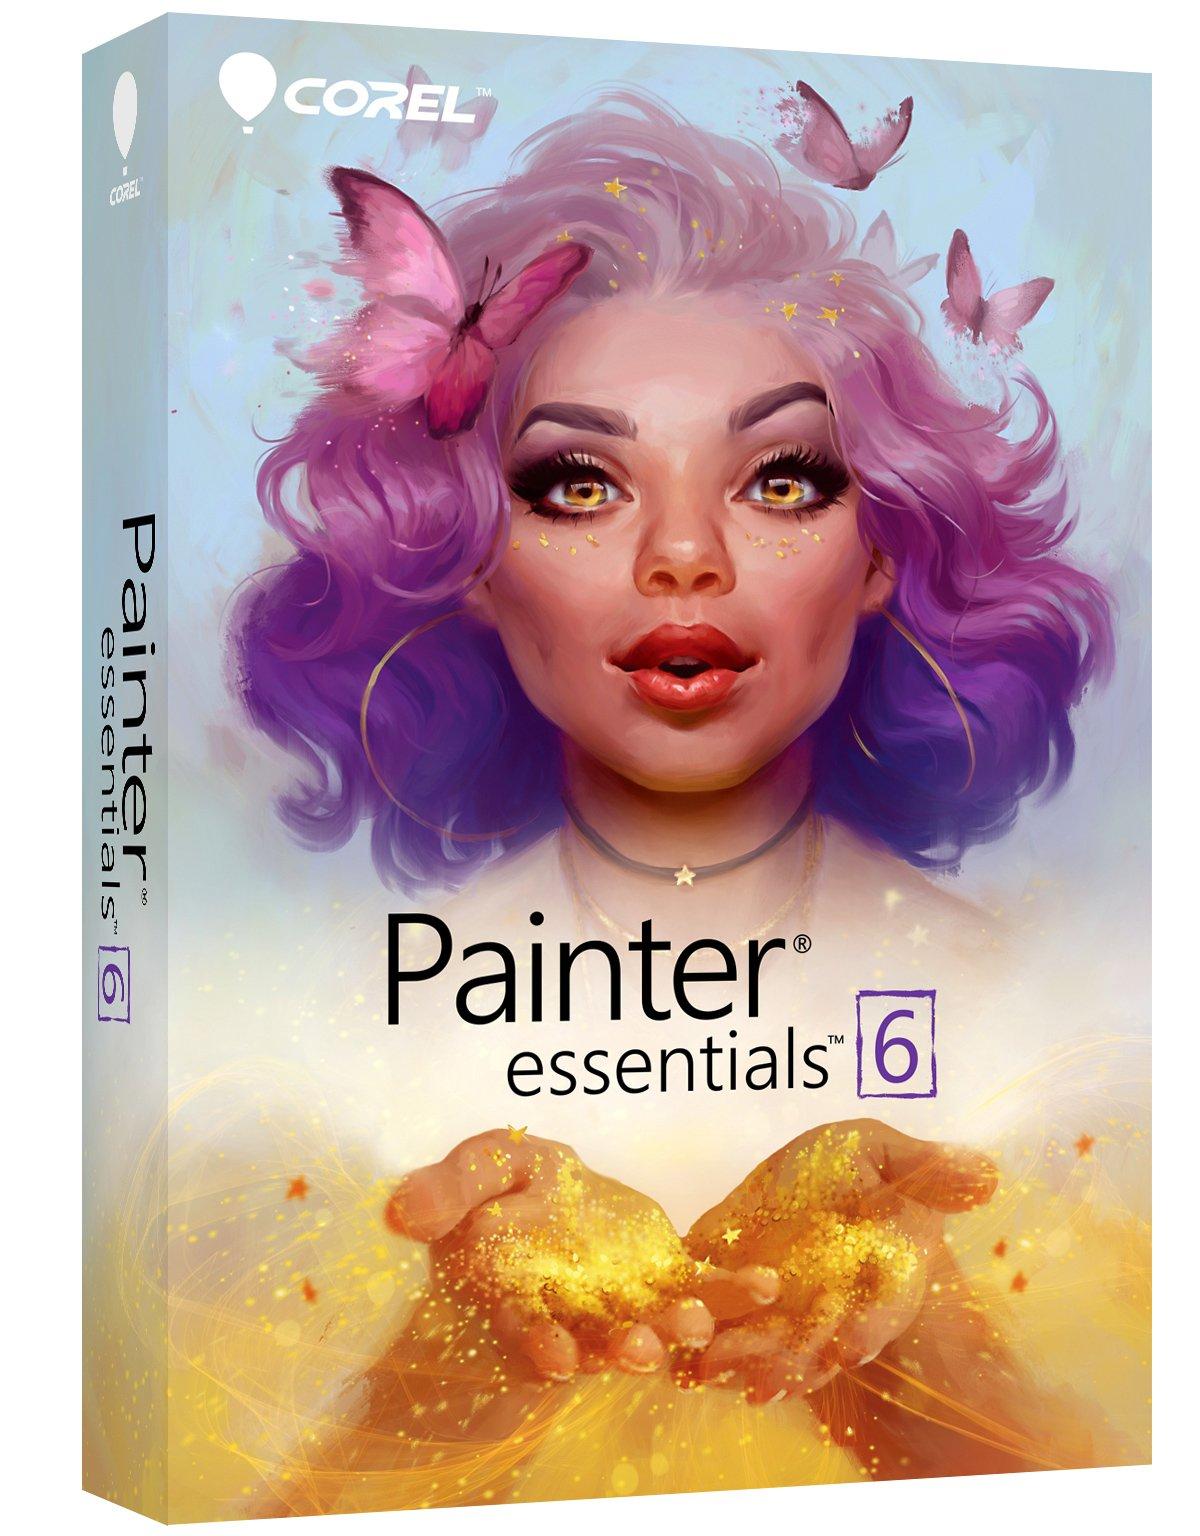 Corel Painter Essentials 6 Digital Art Suite [PC/Mac Disc] by Corel